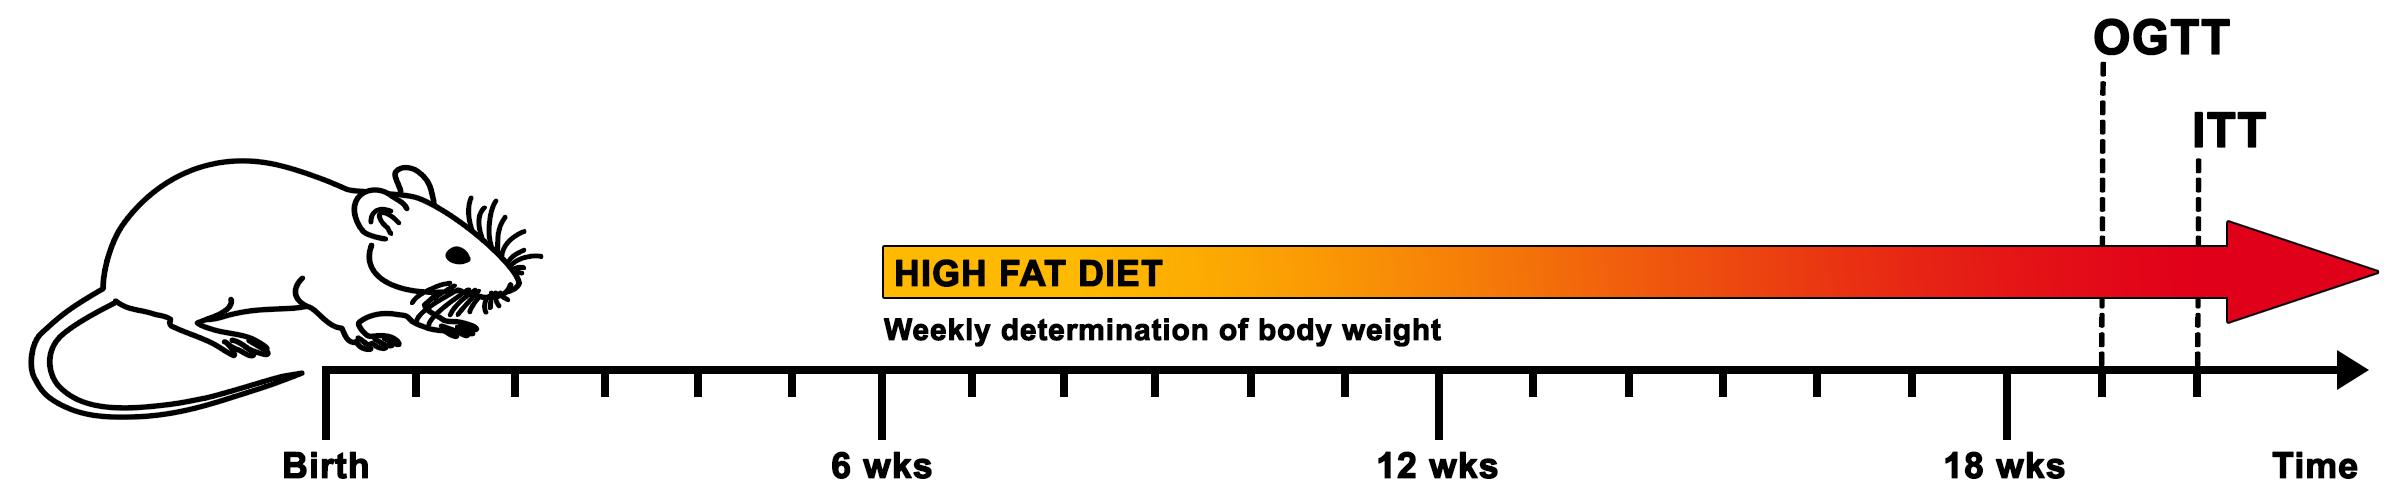 diabetes tipo II inducida por la dieta en ratones c57bl / 6